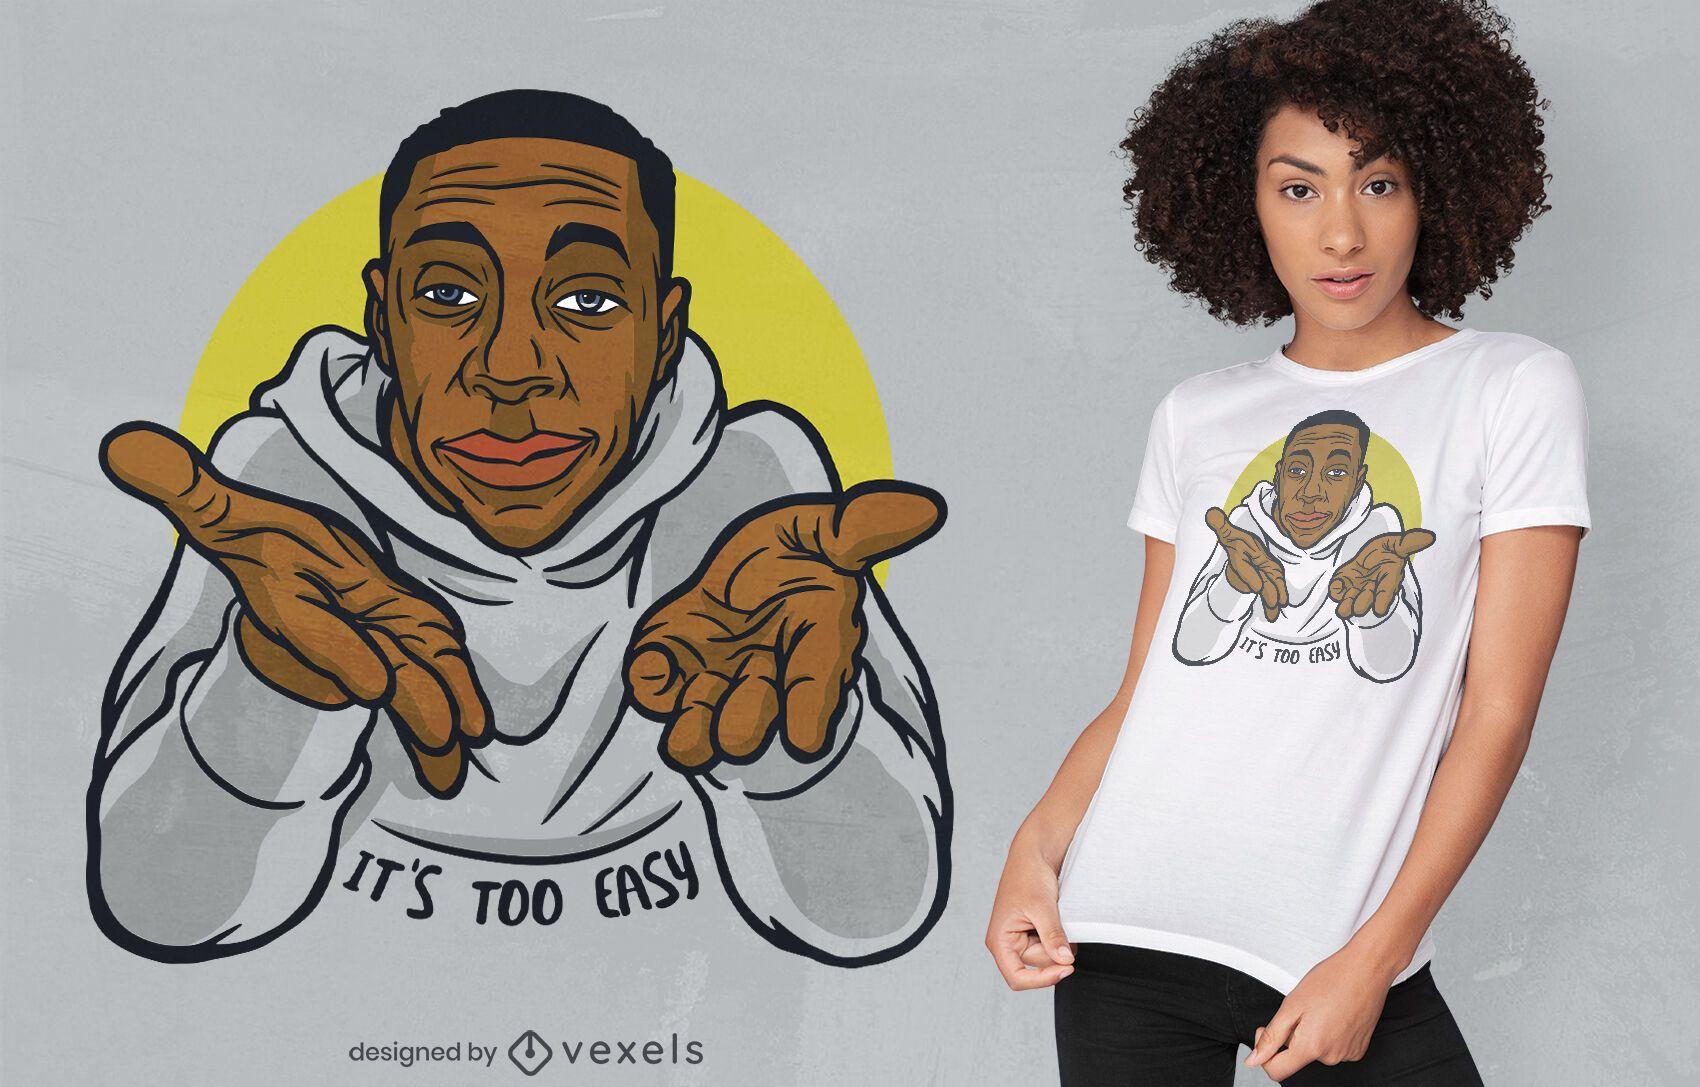 Dise?o de camiseta de parodia de meme de soluci?n f?cil